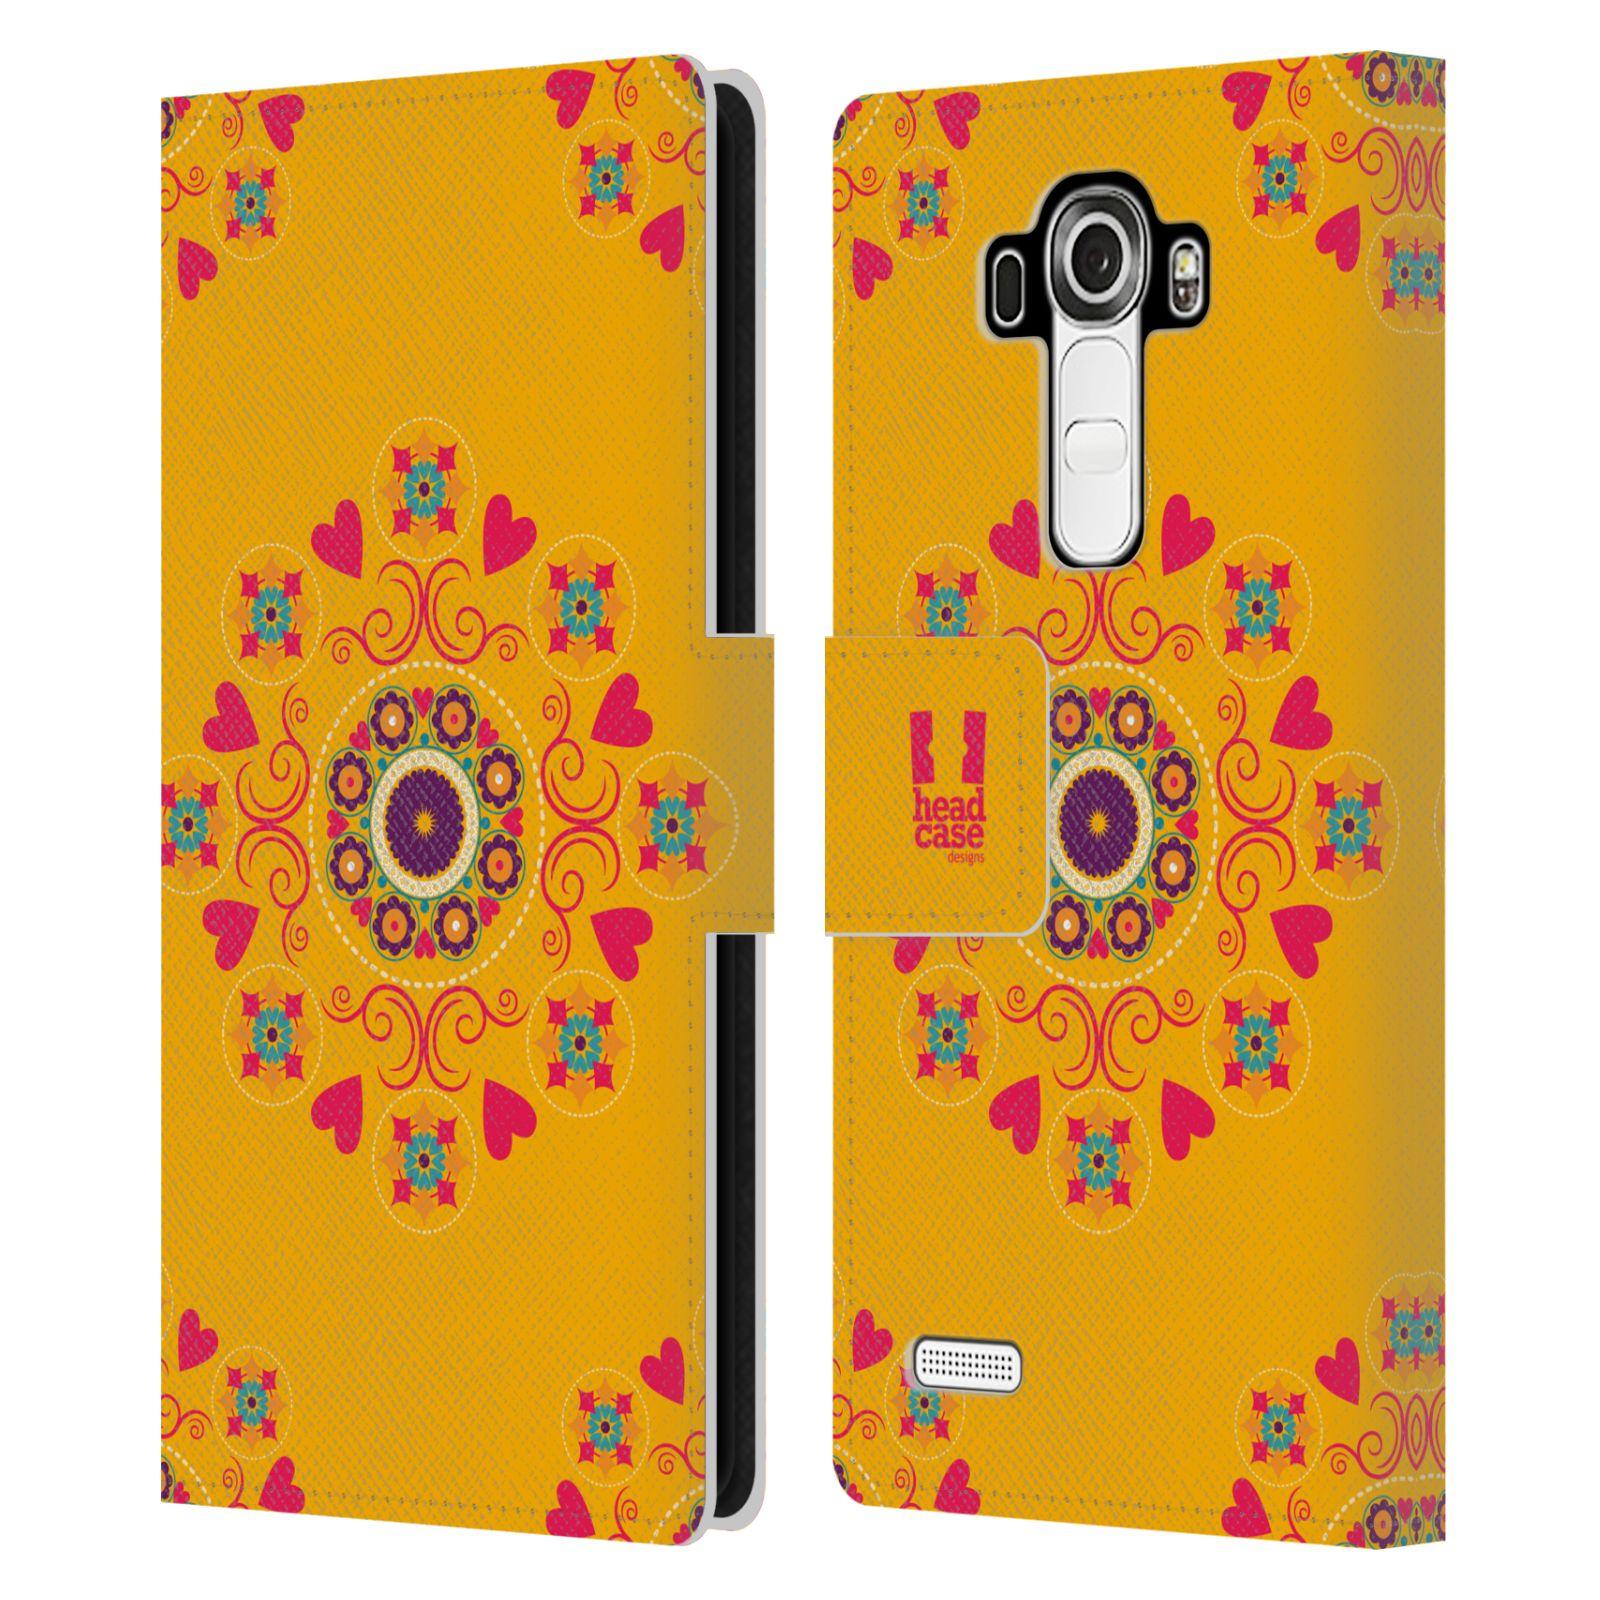 HEAD CASE Flipové pouzdro pro mobil LG G4 (H815) Slovanský vzor květiny a srdíčka žlutá